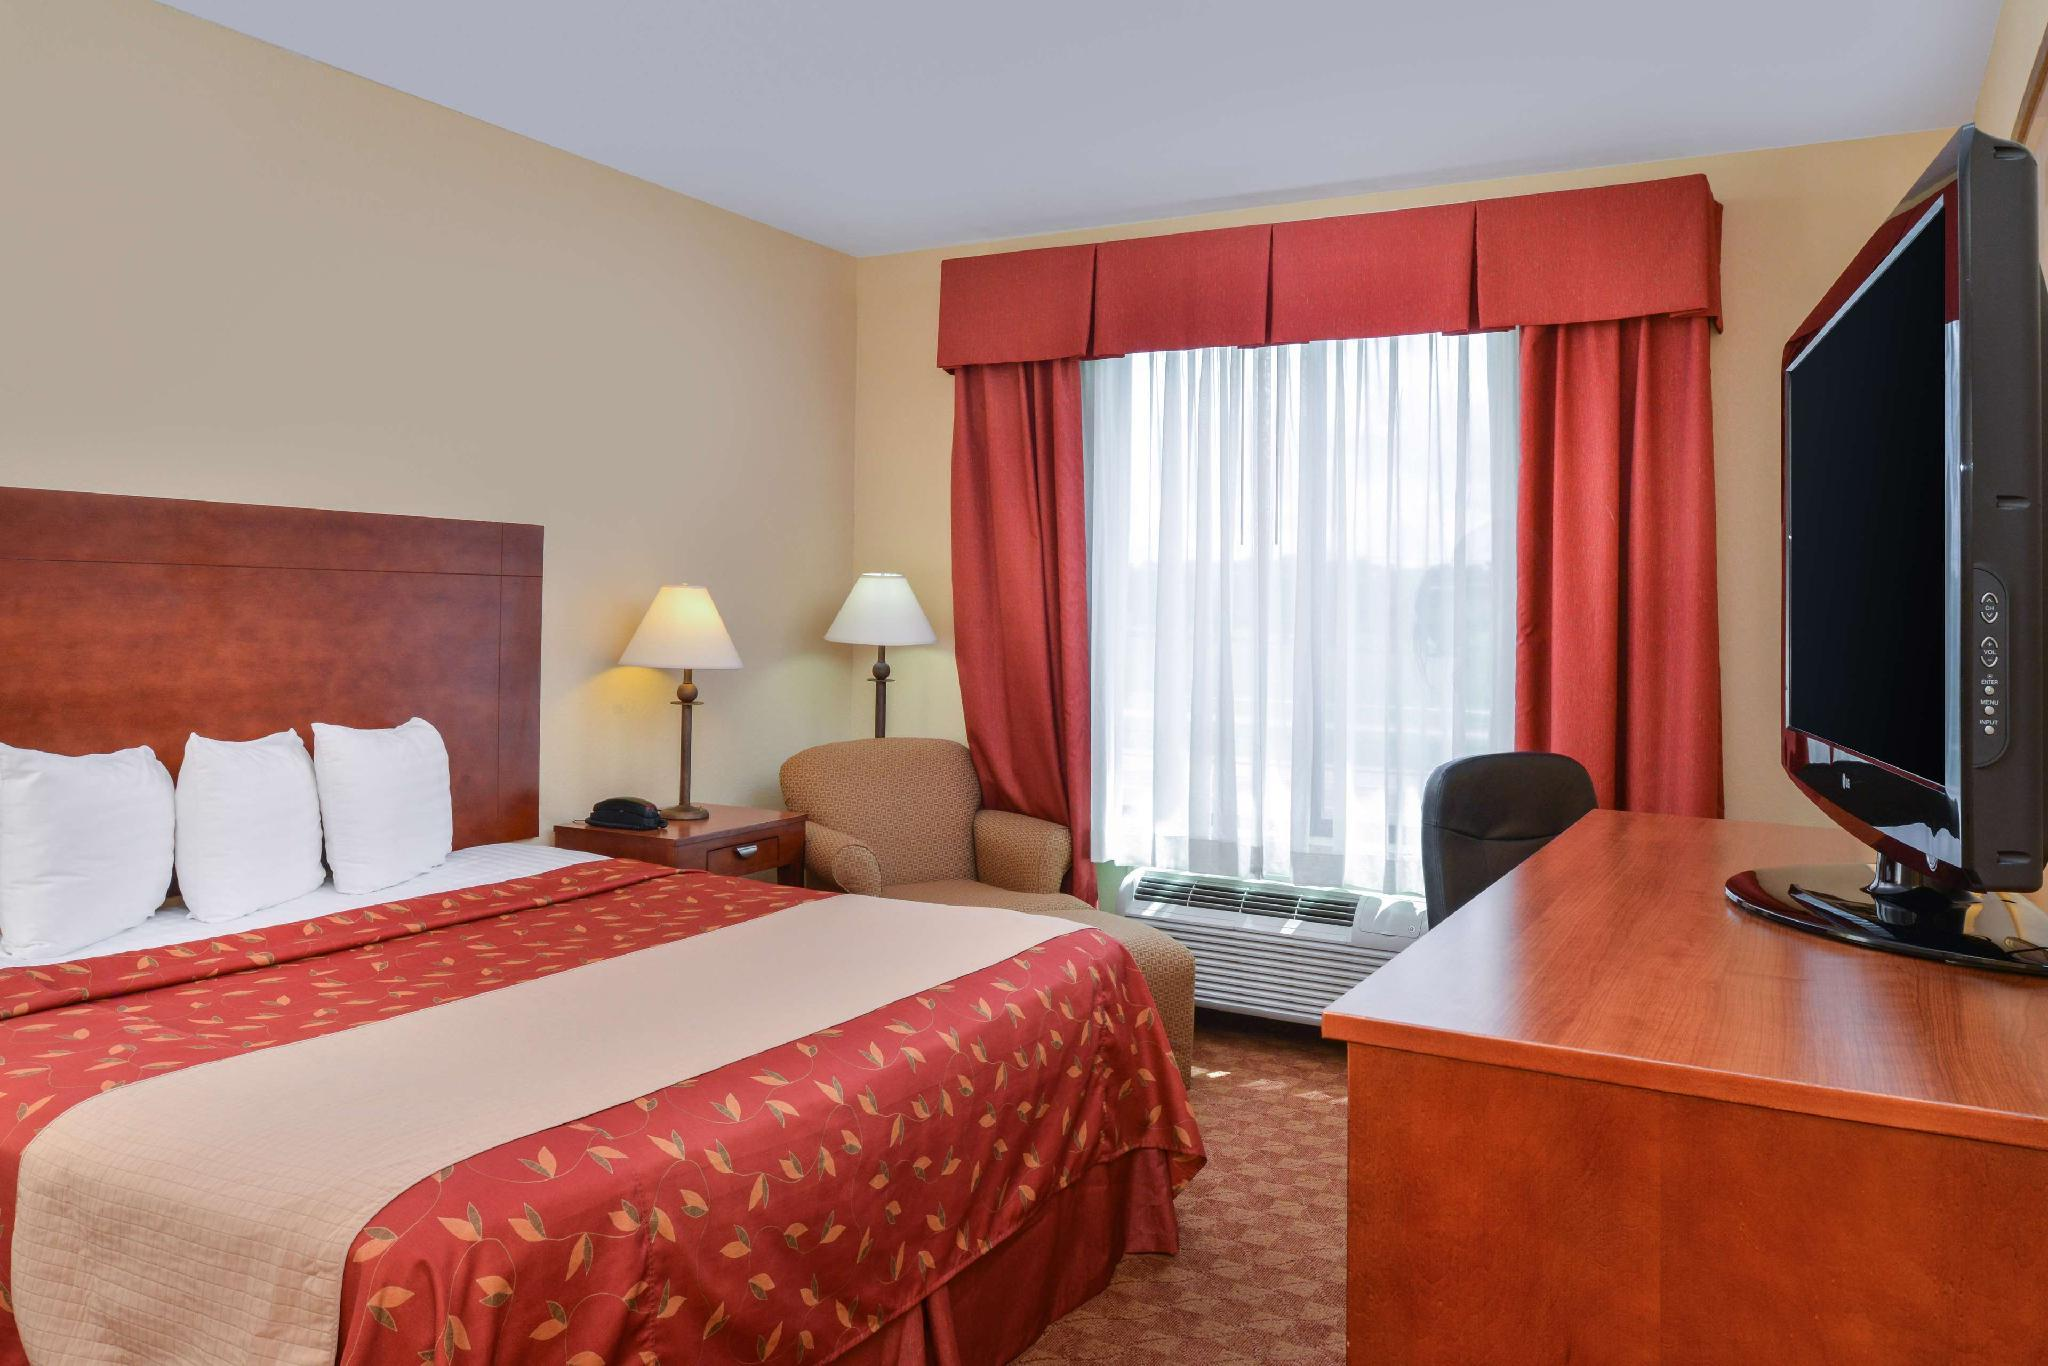 Americas Best Value Inn & Suites Livingston, Polk